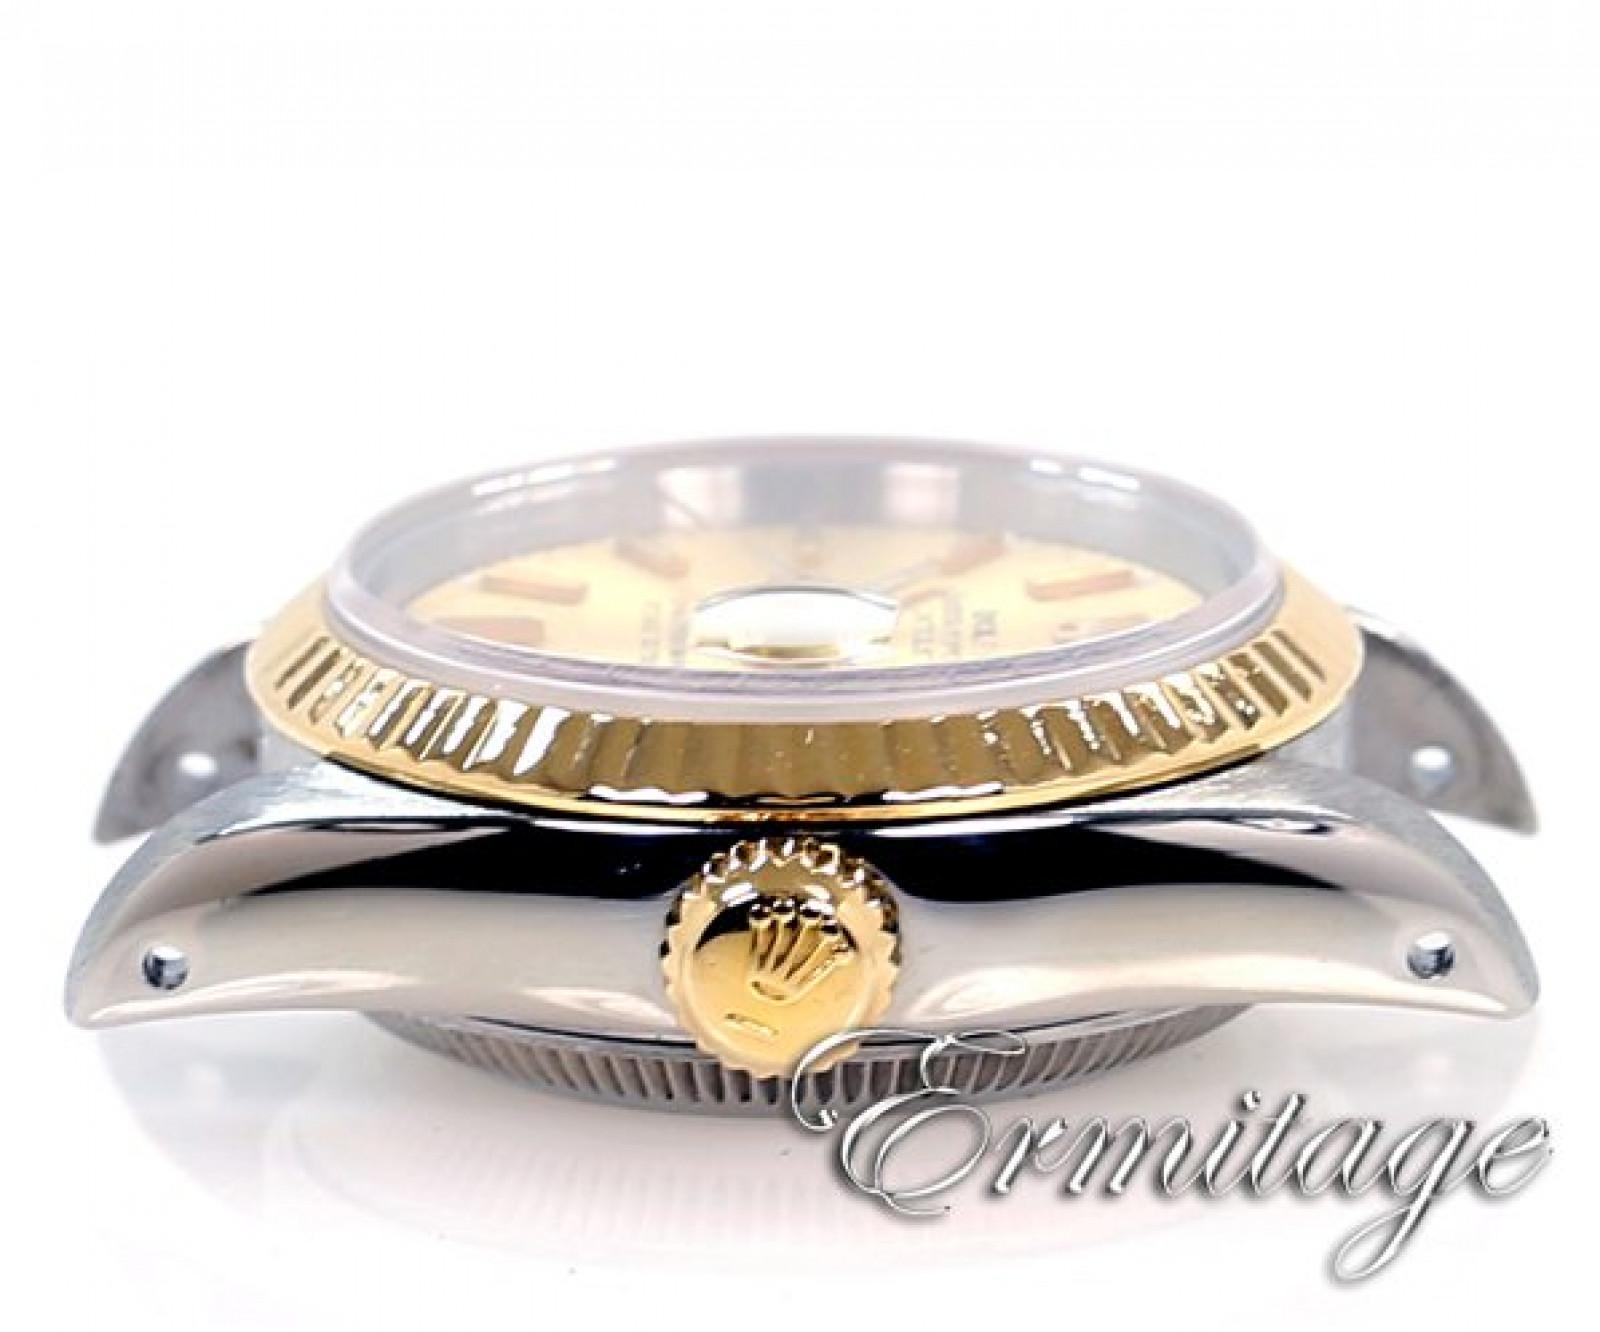 Rolex Datejust 69173 Gold & Steel